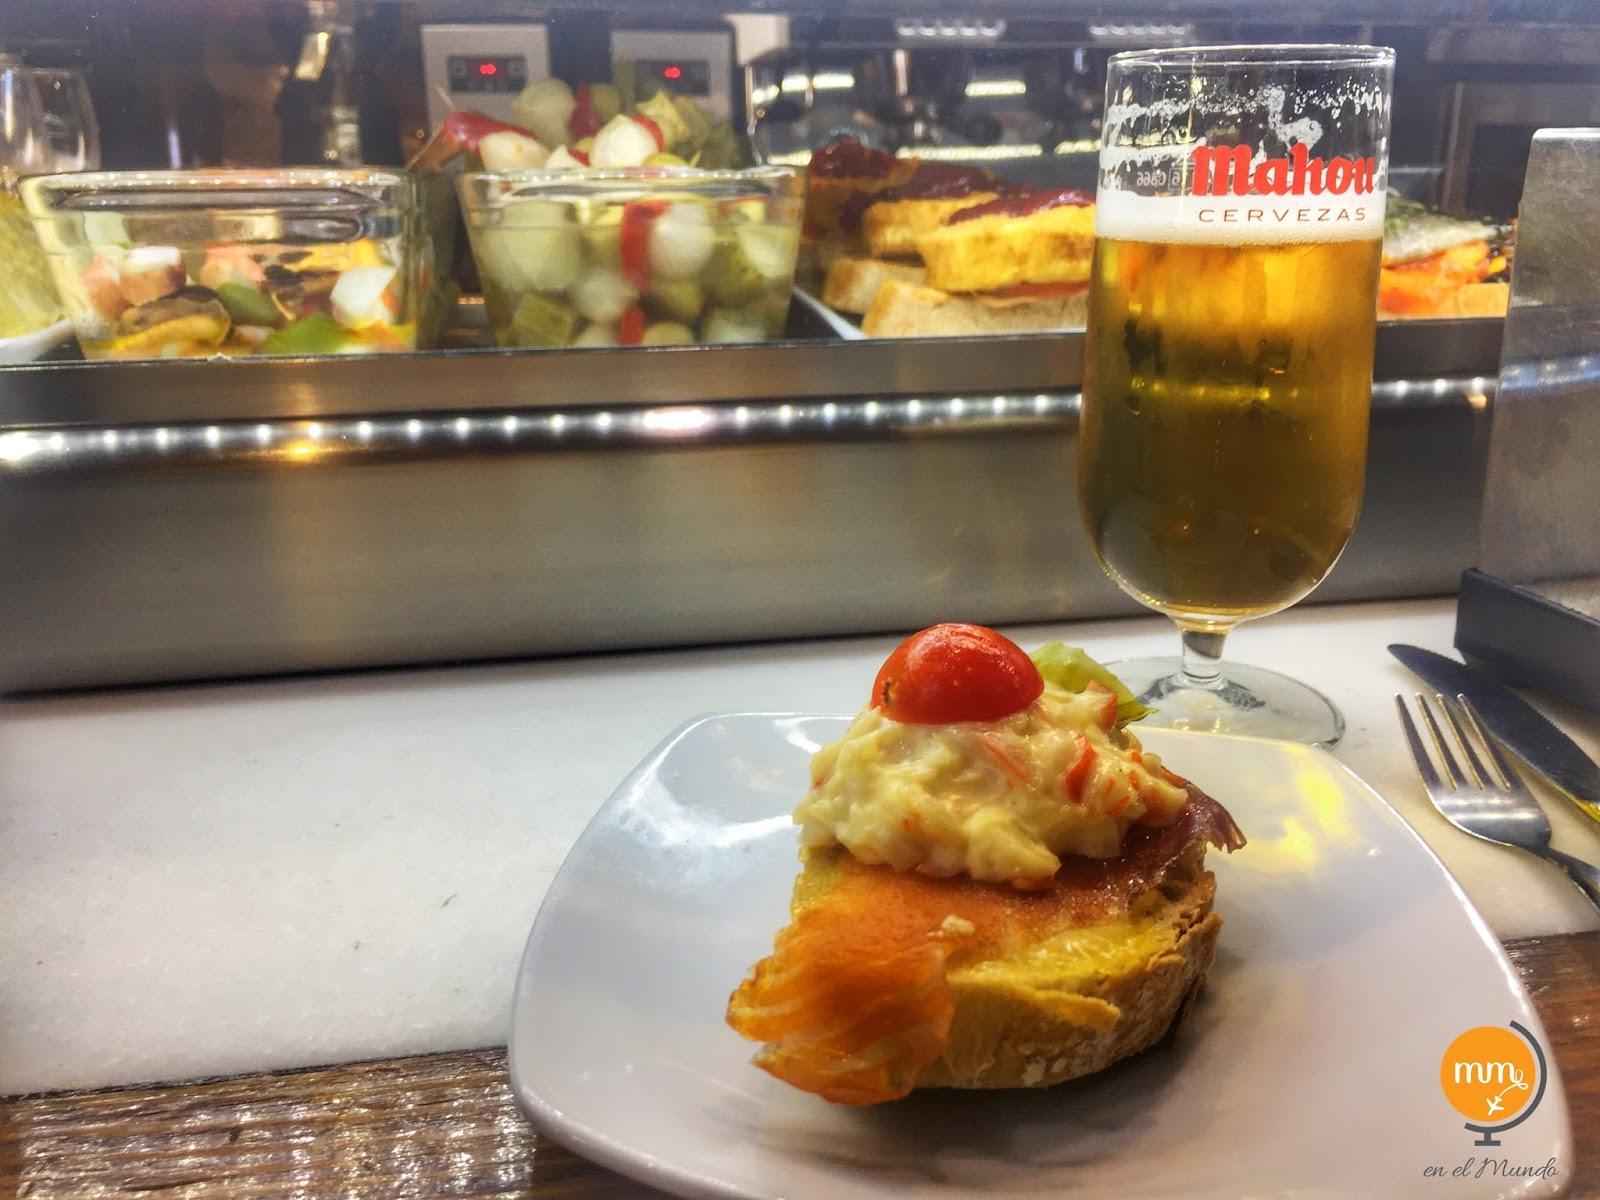 Tapas, styl życia Hiszpanów.